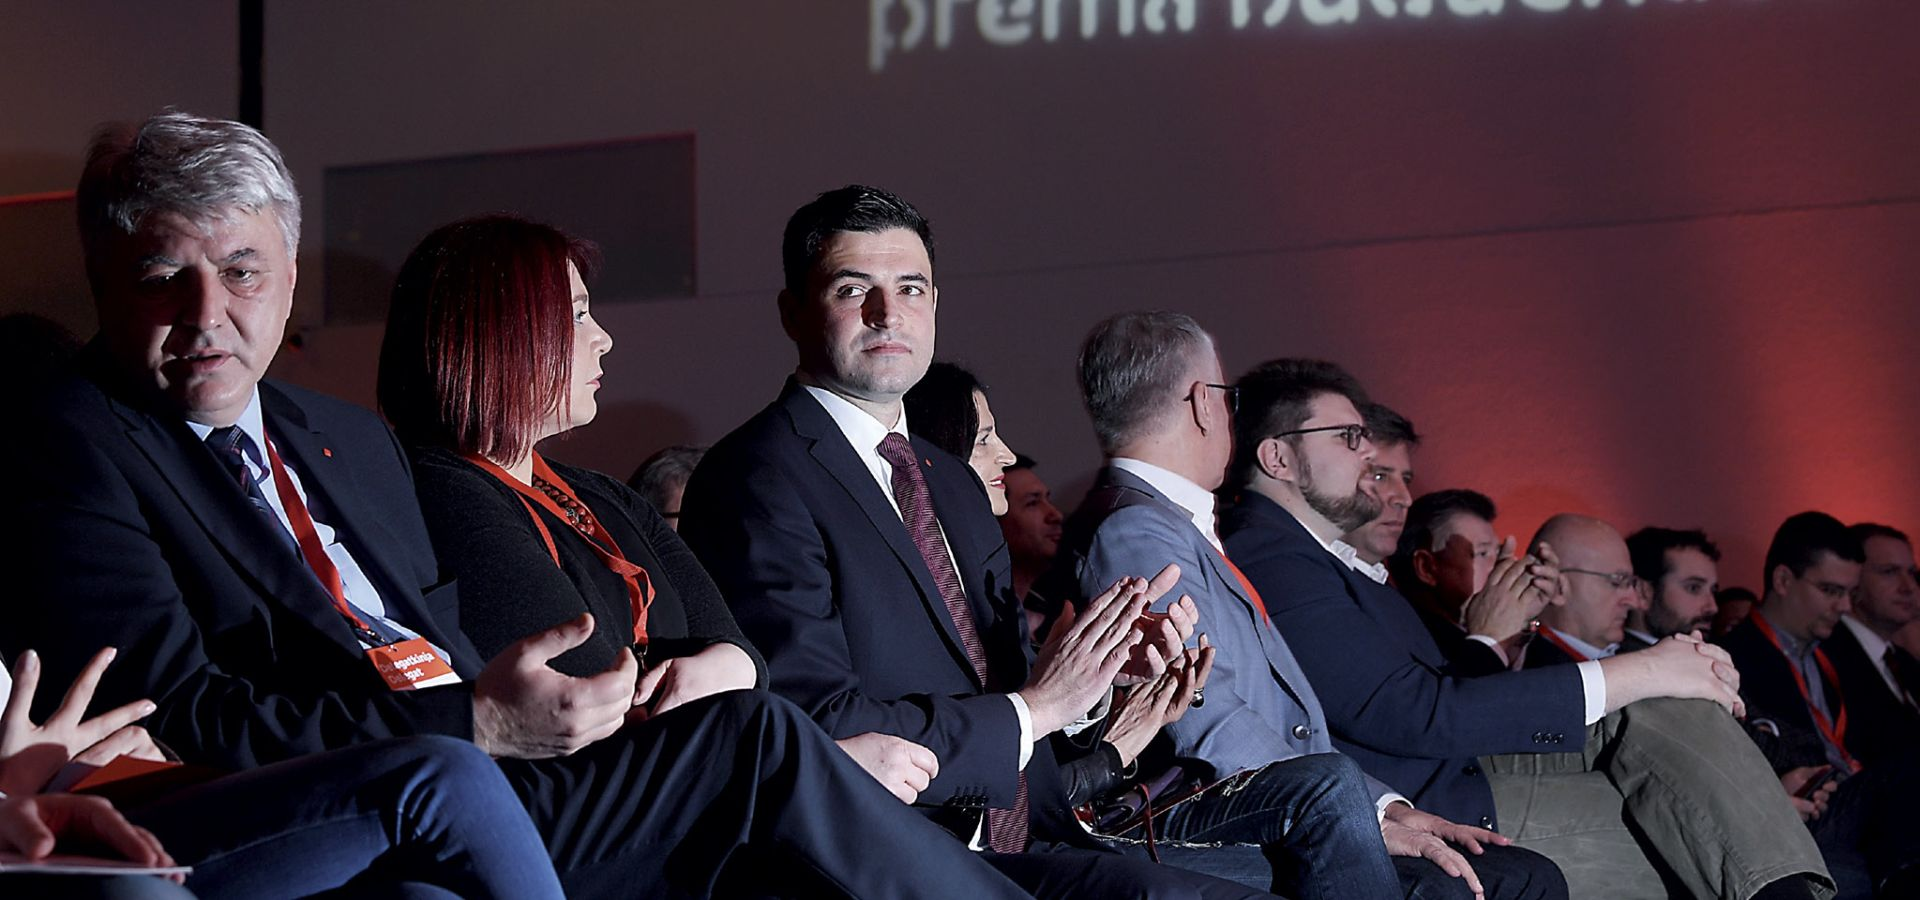 Ne uspije li plan za Bernardićevu ostavku, SDP će se raspasti